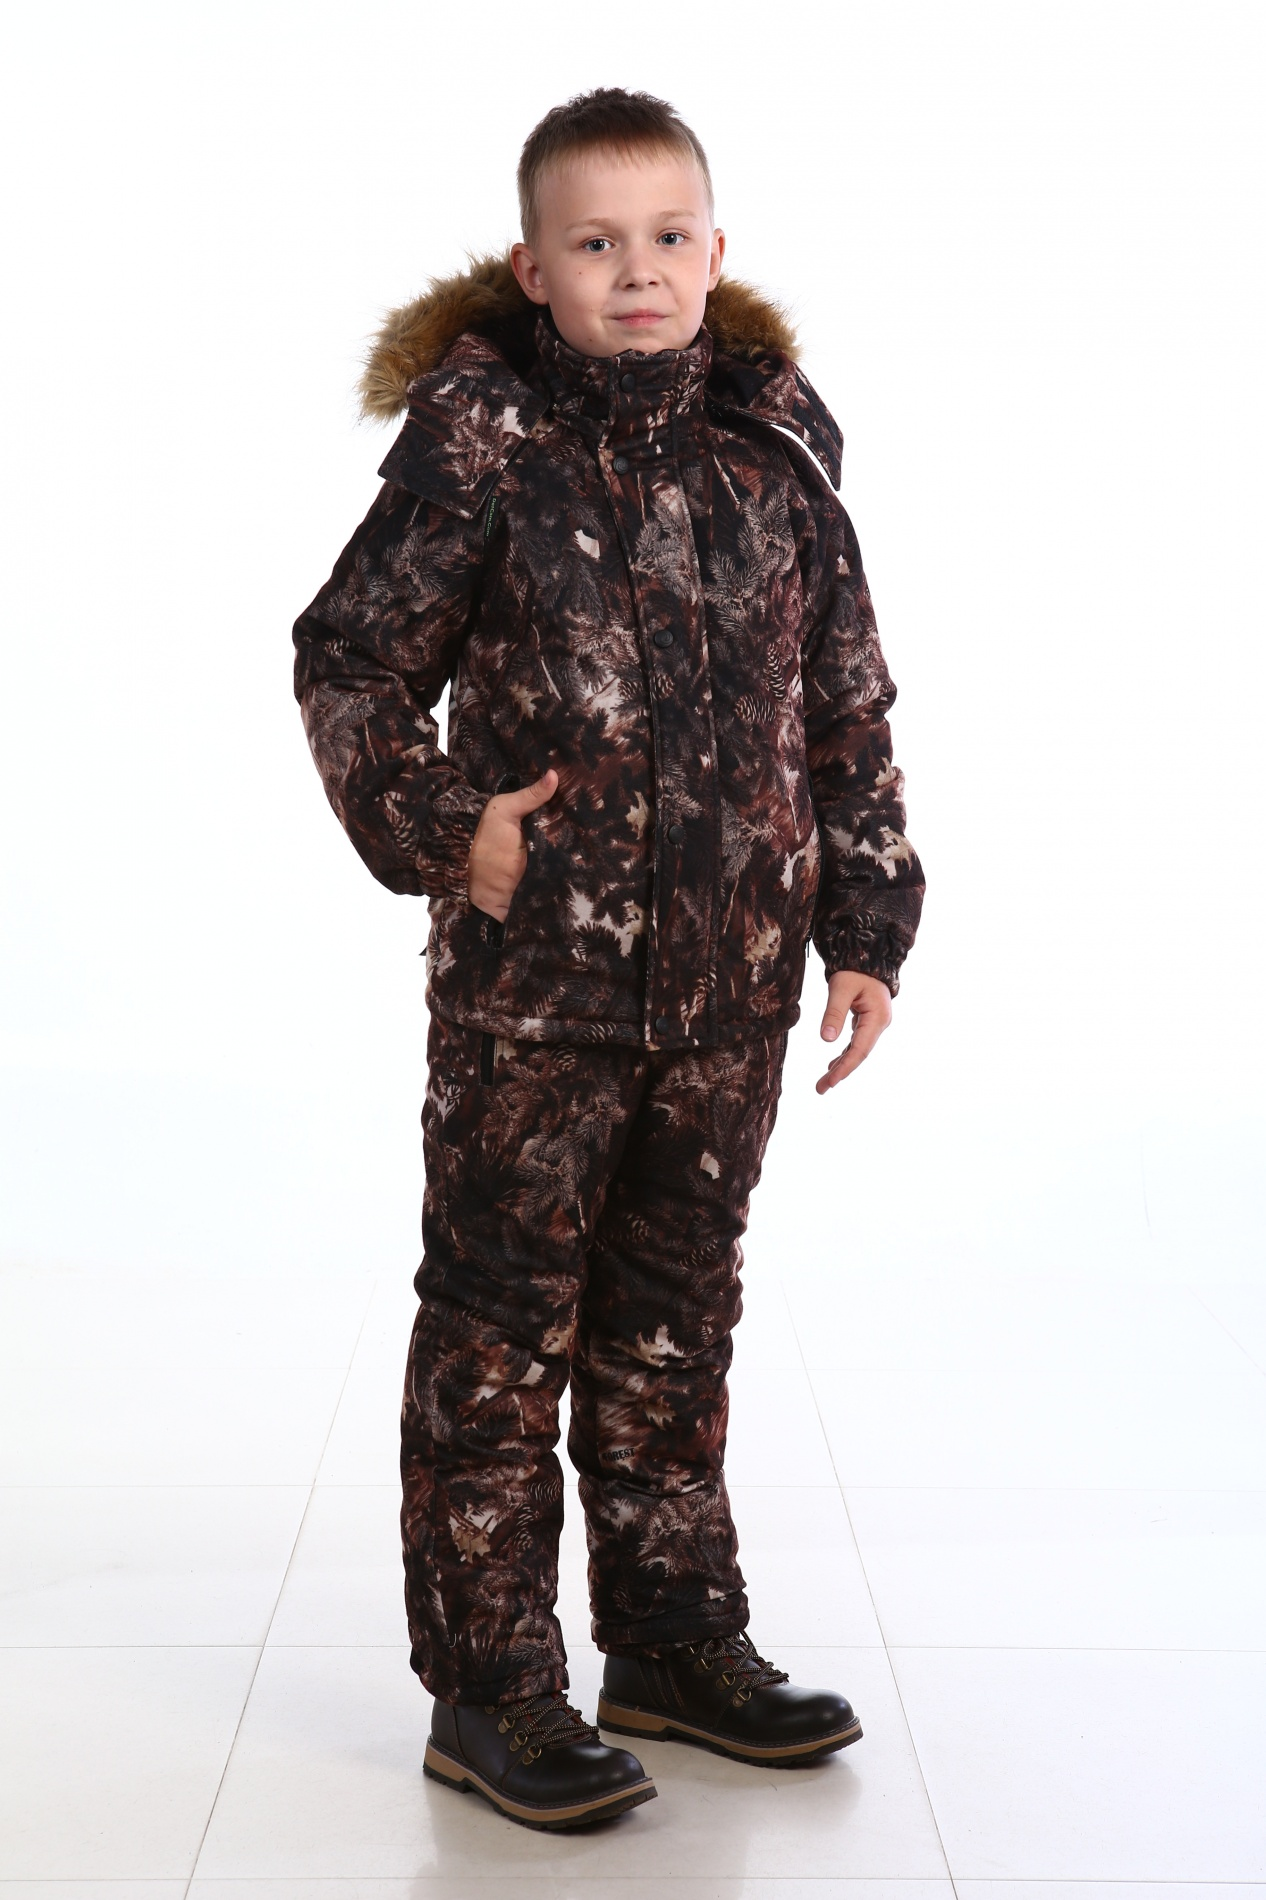 Костюм зимний детский Медвежонок (164)Костюмы утепленные<br>Костюм зимний куртка+полукомбинезон. Центральная <br>застежка на фронтальную молнию, закрытую <br>ветрозащитной планкой на кнопках. Ккапюшон <br>пристегивается на молнию, с регулировкой <br>лицевой части по высоте резиновым шнуром. <br>Съемная меховая опушка из натурального <br>меха на кнопках. Регулировка низа куртки <br>резиновым шнуром. Ро низу рукавов внутренние <br>манжеты из трикотажного полотна. Центральная <br>застежка полукомбинезона на фронтальную <br>молнию. Наколенники. Бретели с эластичными <br>вставками и фастексами. Ветрозащитные юбки <br>по низу полукомбинезона. Количество карманов <br>- 5. Ткань верха: Алова Подкладка:COSMO-HEAT, Таффета, <br>190Т Утеплитель куртка:Шелтер 400г/м2 Утеплитель <br>брюки:Шелтер 200г/м2 Водонепроницаемость:3000 <br>мм Паропроницаемость:1000 г/м2/24 часа Светоотражающий <br>элемент Температурный режим: от -5 до -25°С<br><br>Пол: мужской<br>Рост: 164<br>Сезон: зима<br>Материал: Алова 100% полиэстер